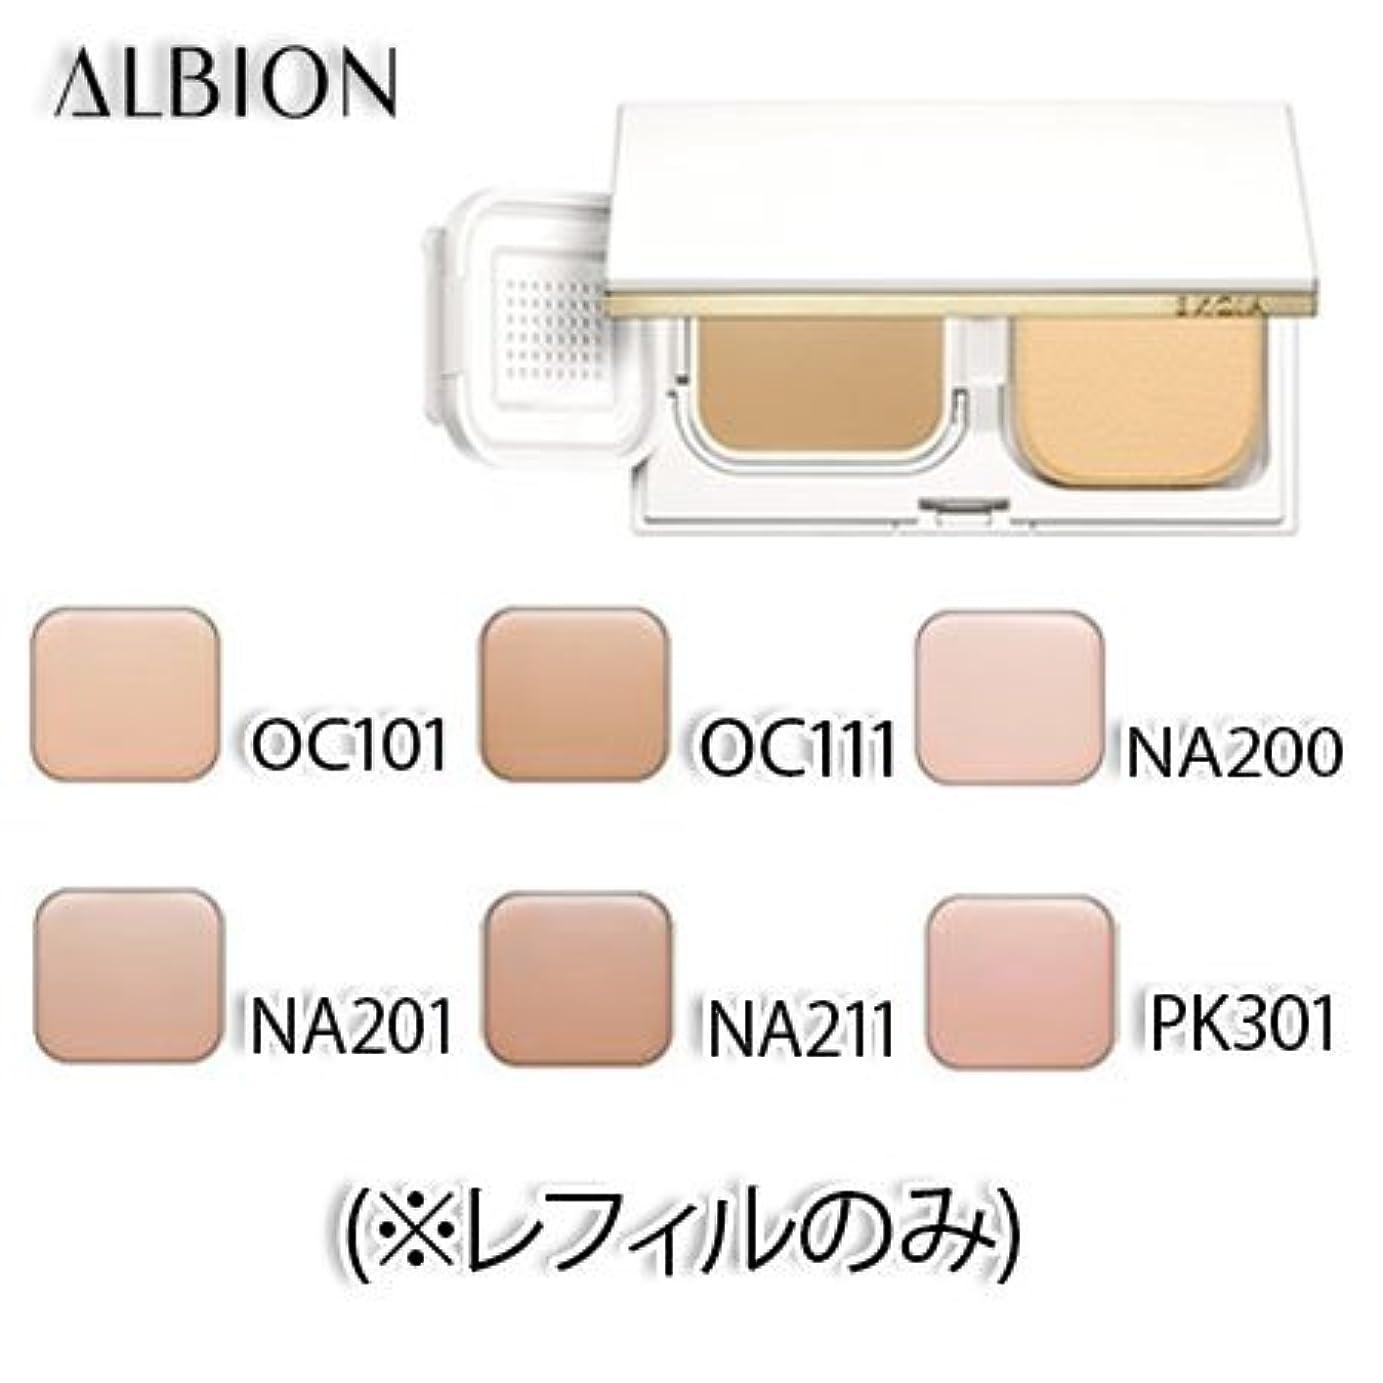 ステーキリファインメーカーアルビオン エクシア AL リフティング エマルジョン ホワイト 6色 SPF47 PA++++ (レフィルのみ) -ALBION- NA211